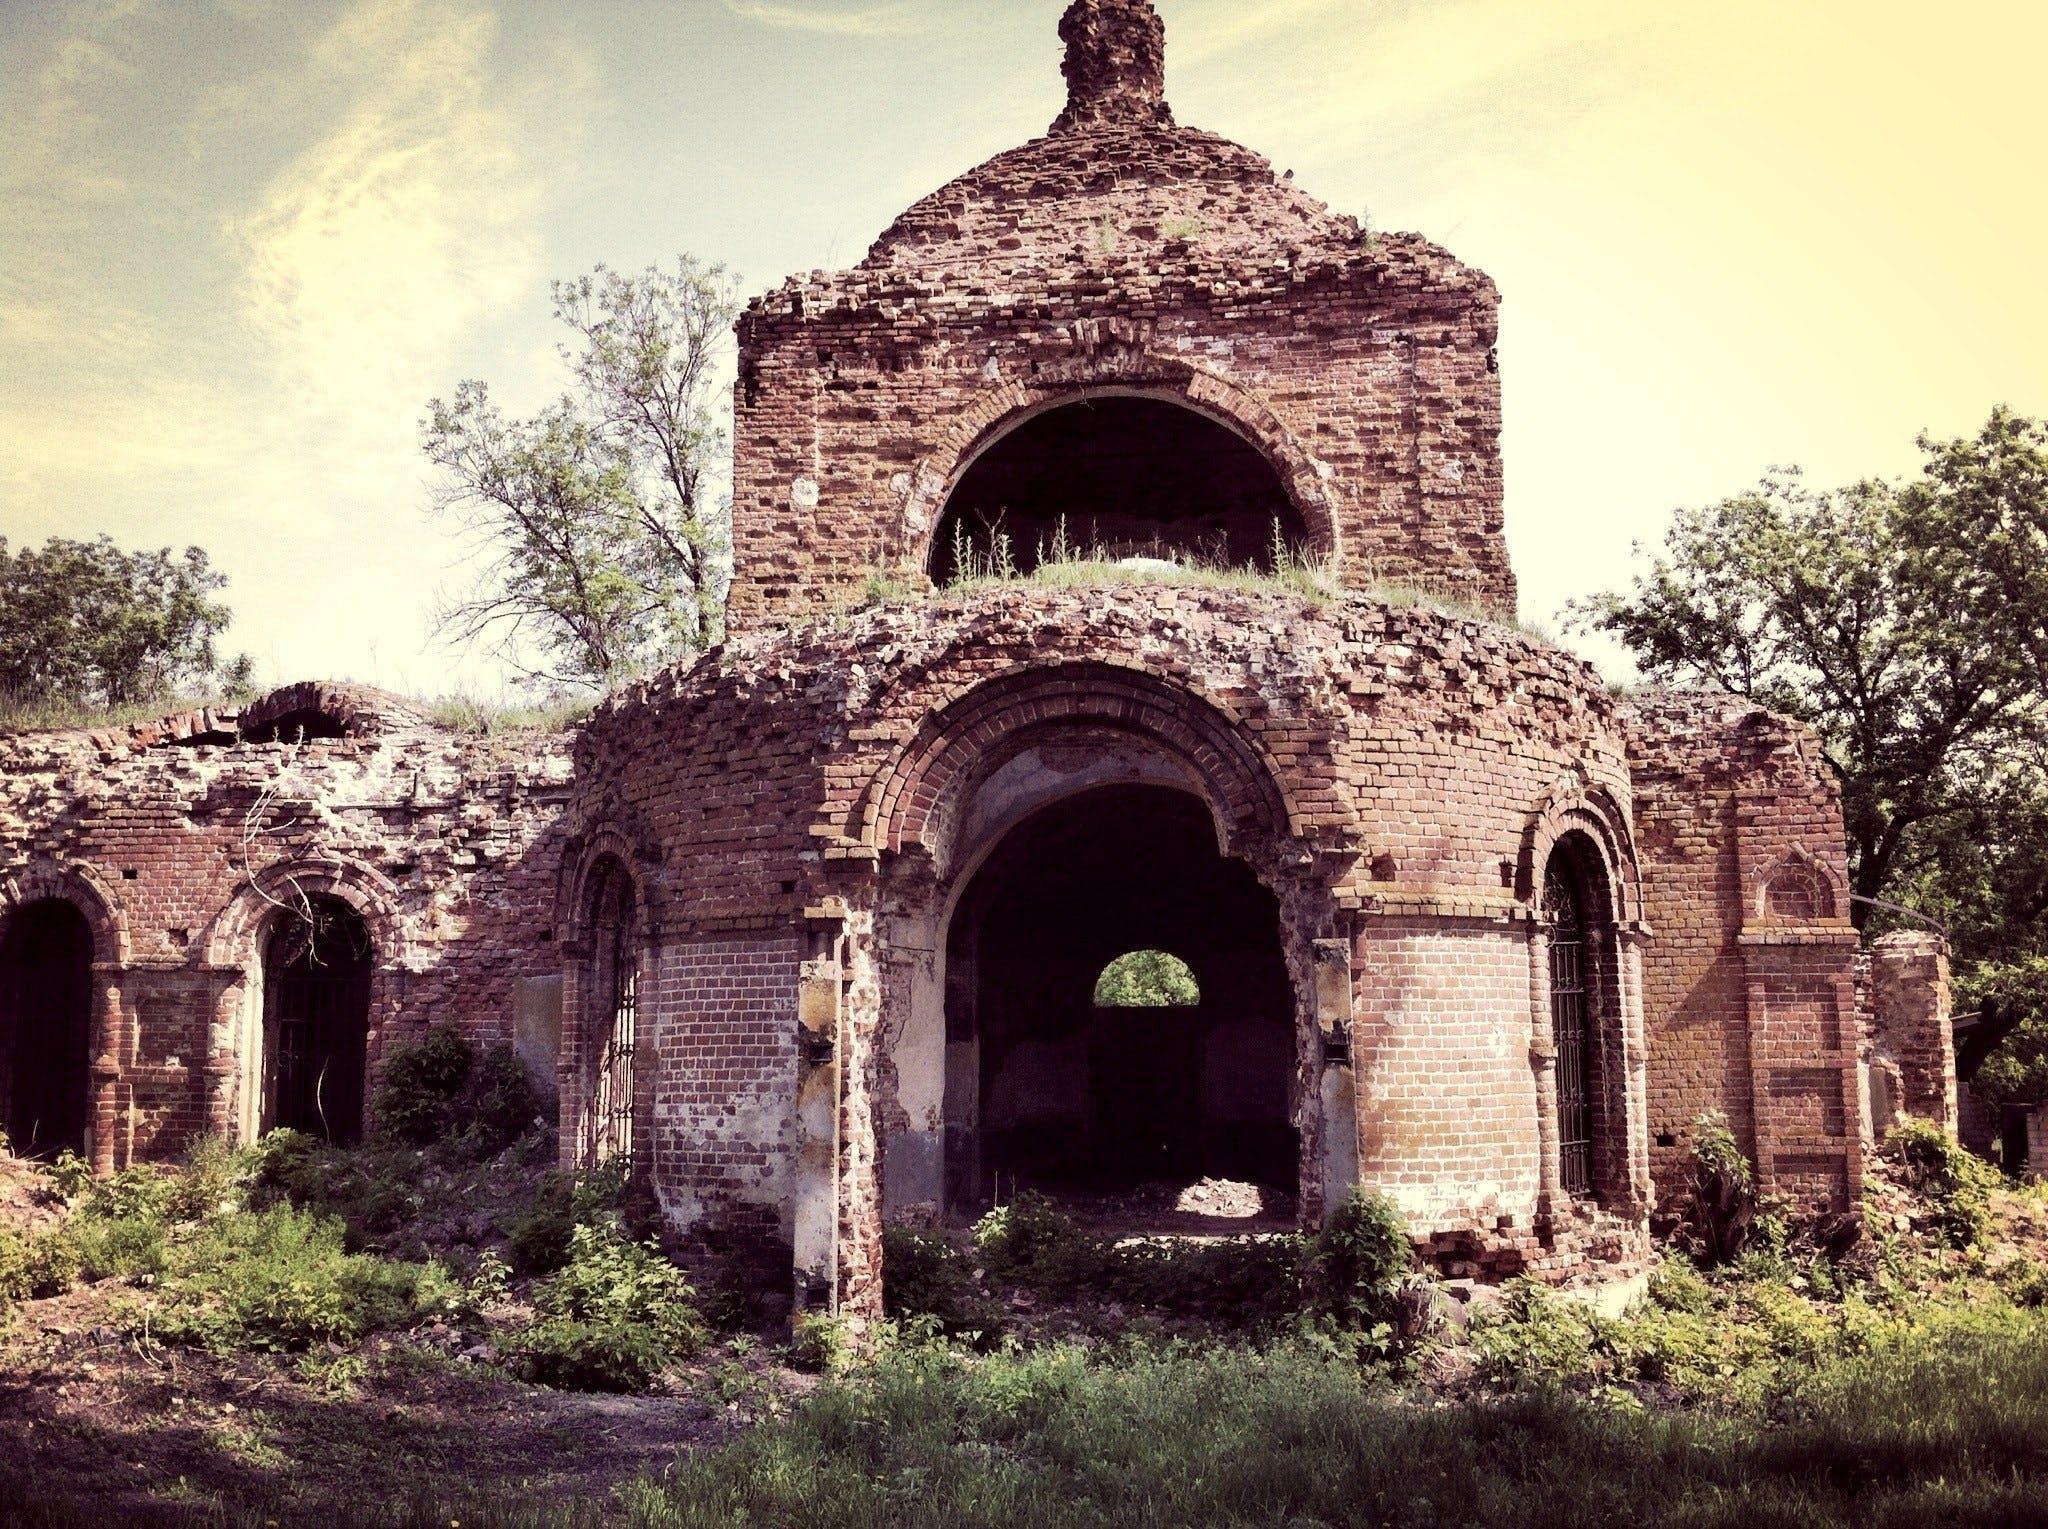 ancient, antique, arch